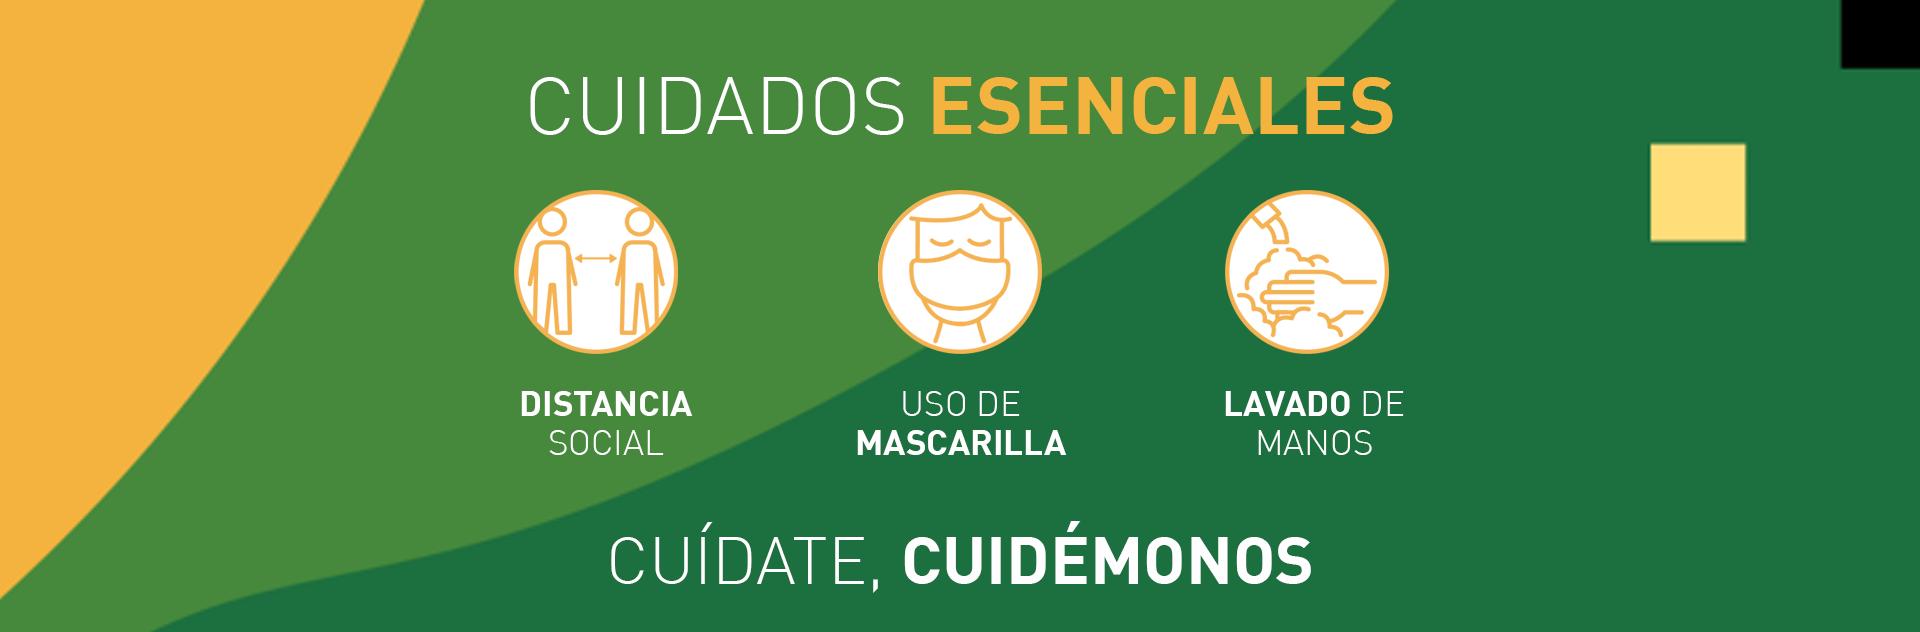 CUIDADOS-ESENCIALES.png